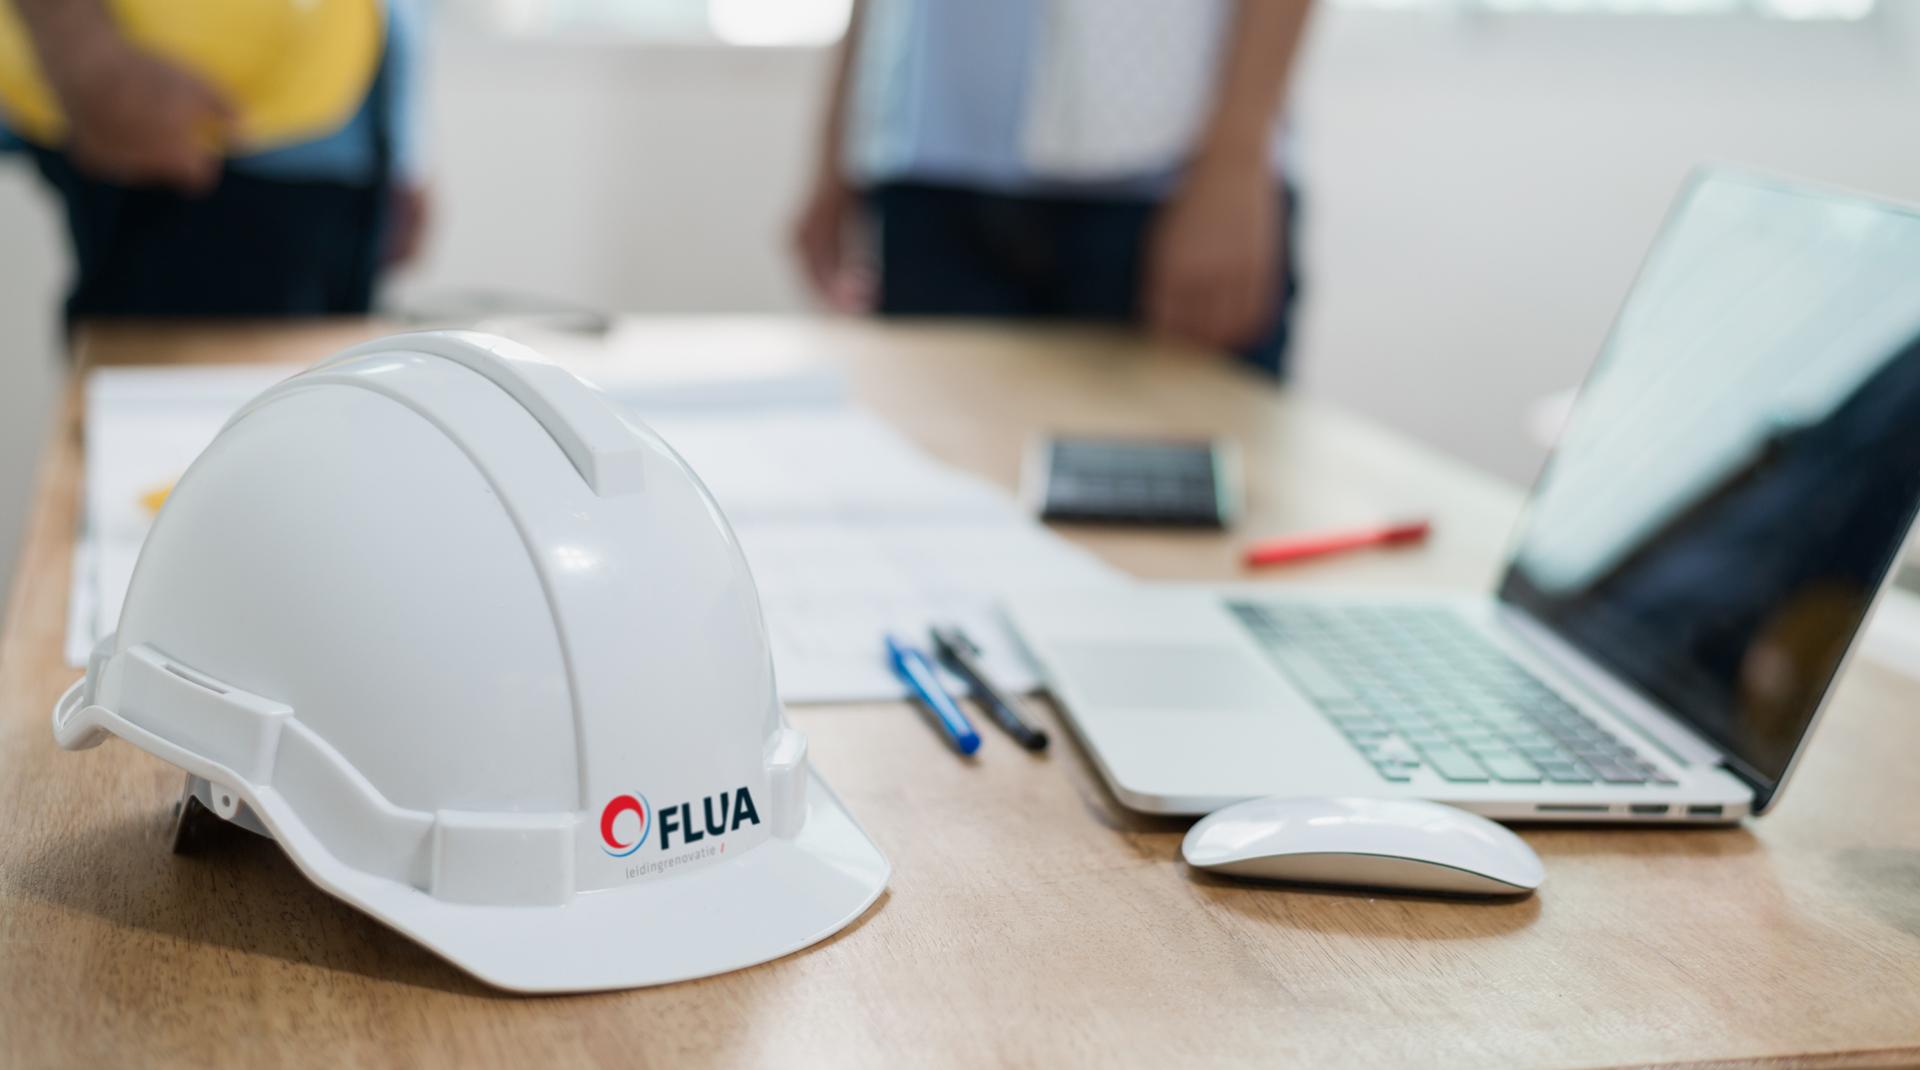 Leidingrenovatie Flua - Over ons